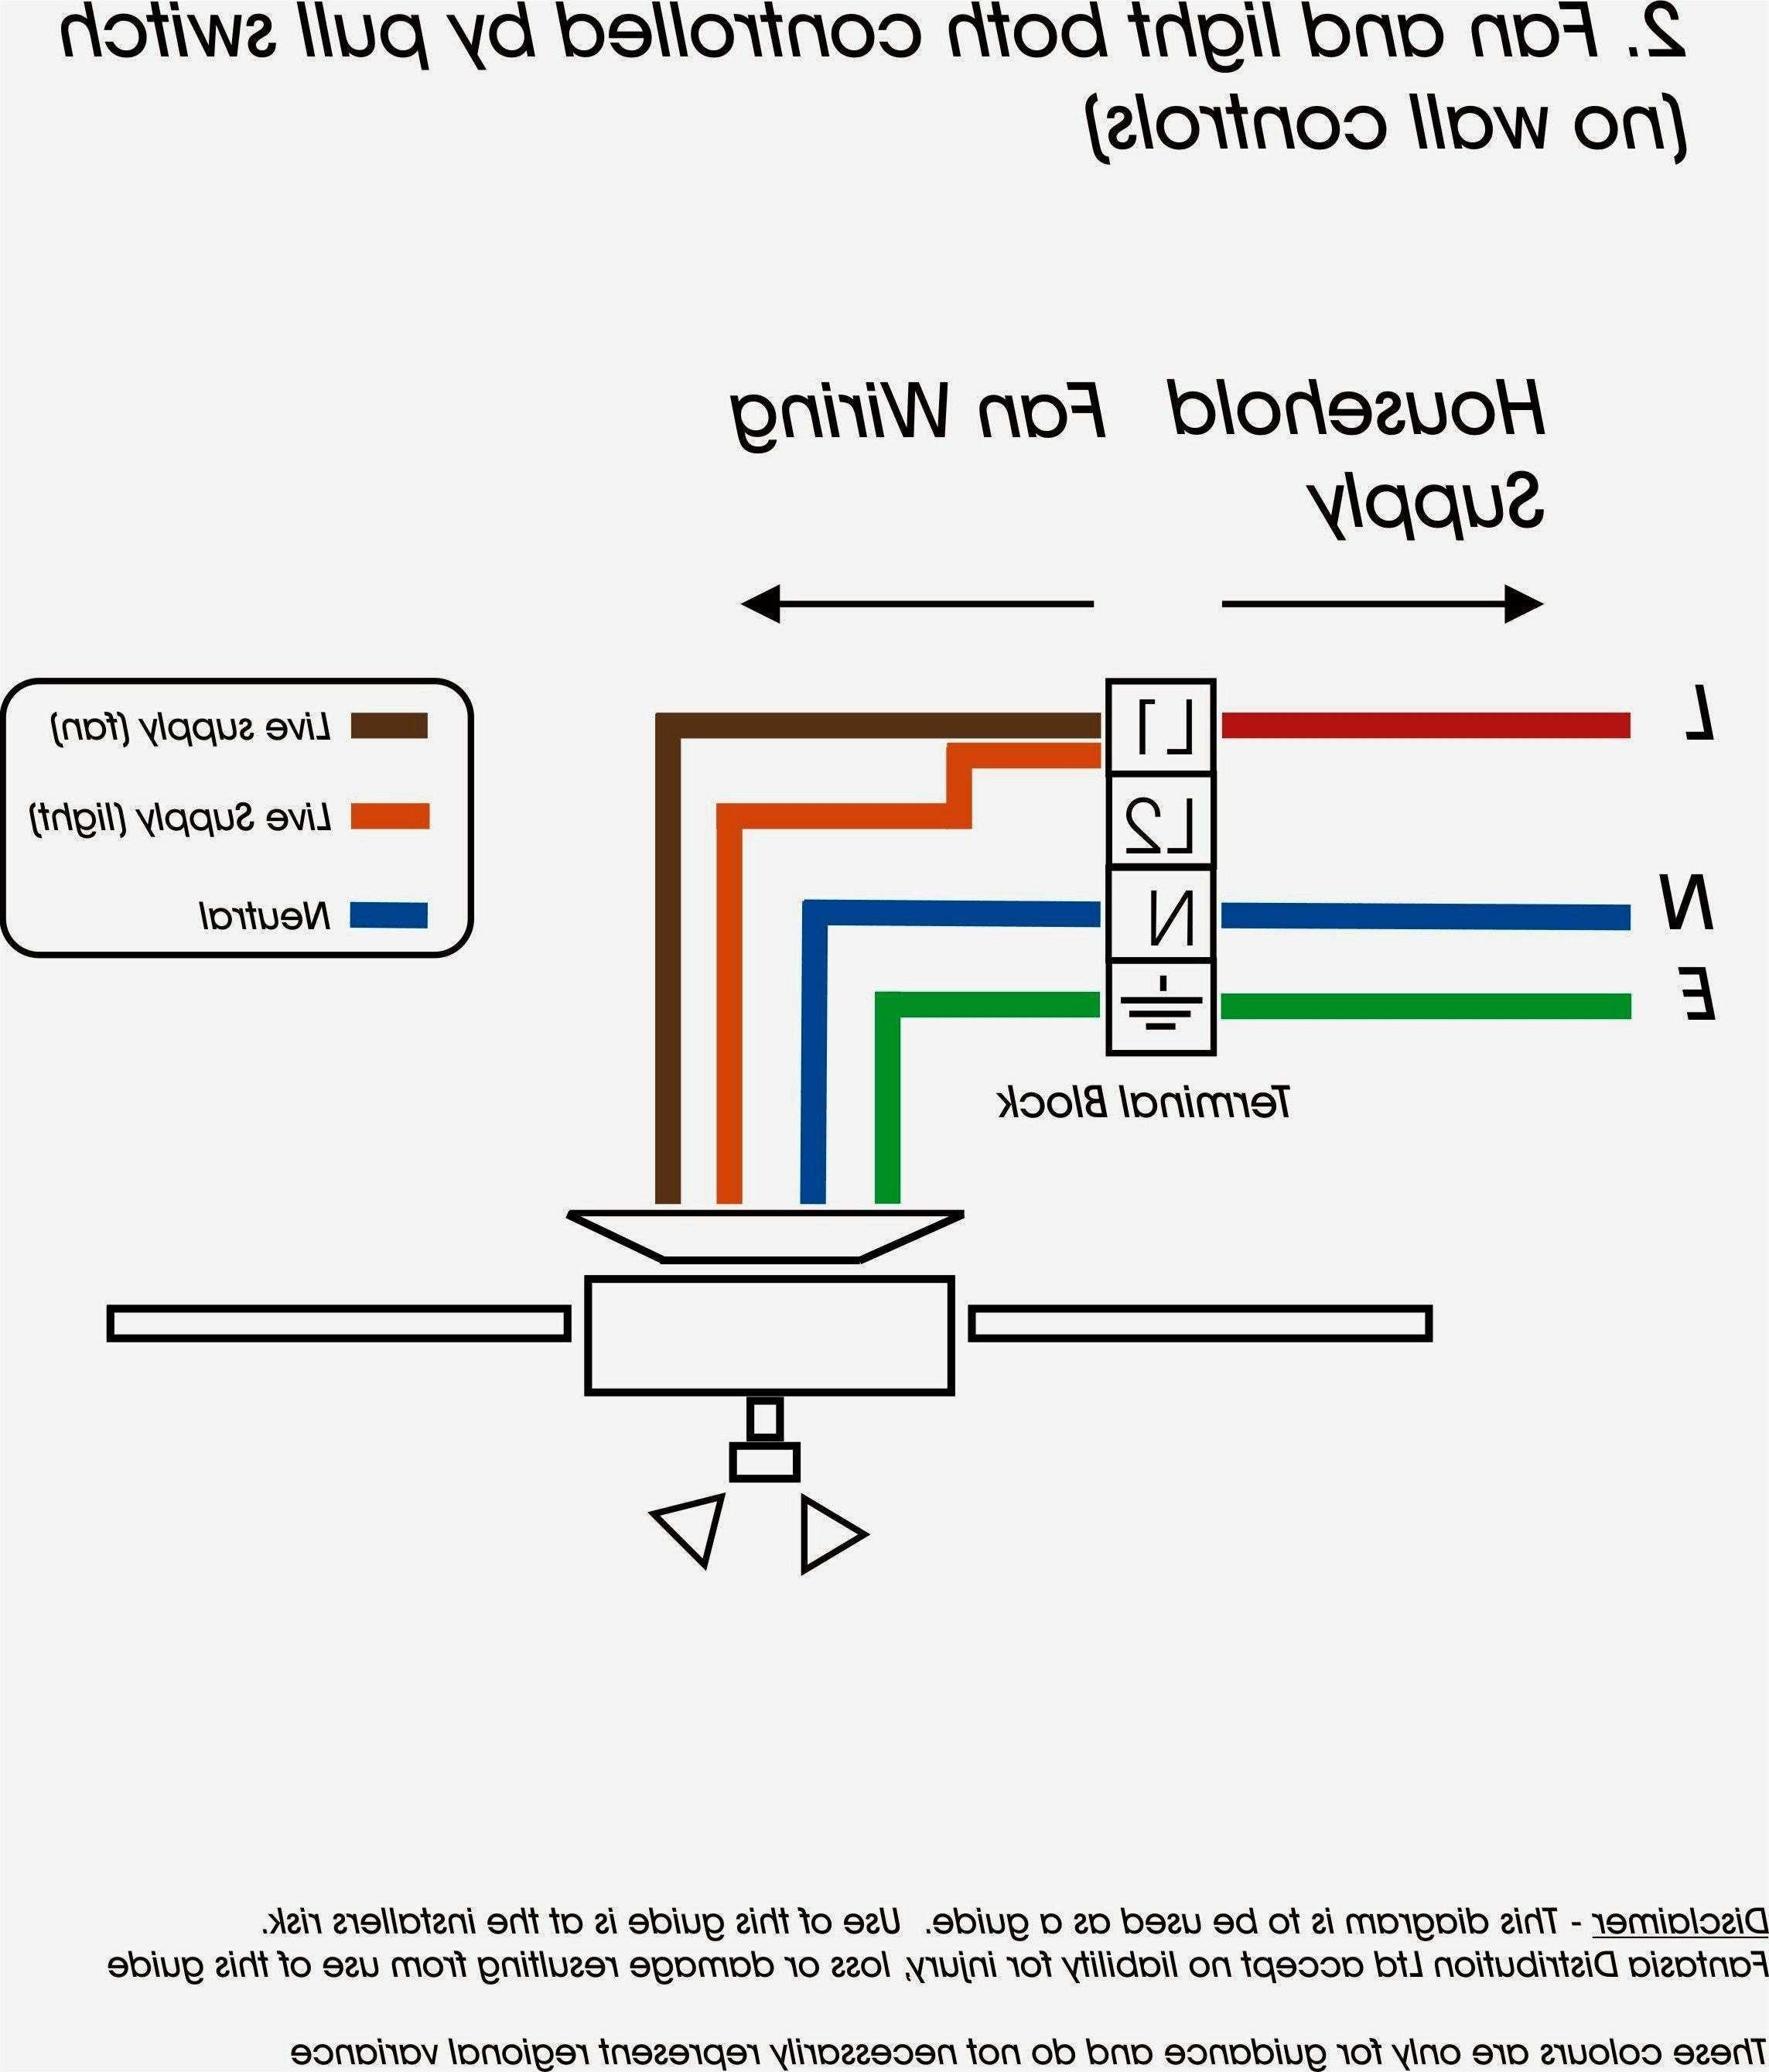 Bosch Relay Wiring Diagram Elegant Wiring Diagram Image Single Pole Relay  Wiring Diagram Bosch Relay Cube Diagram